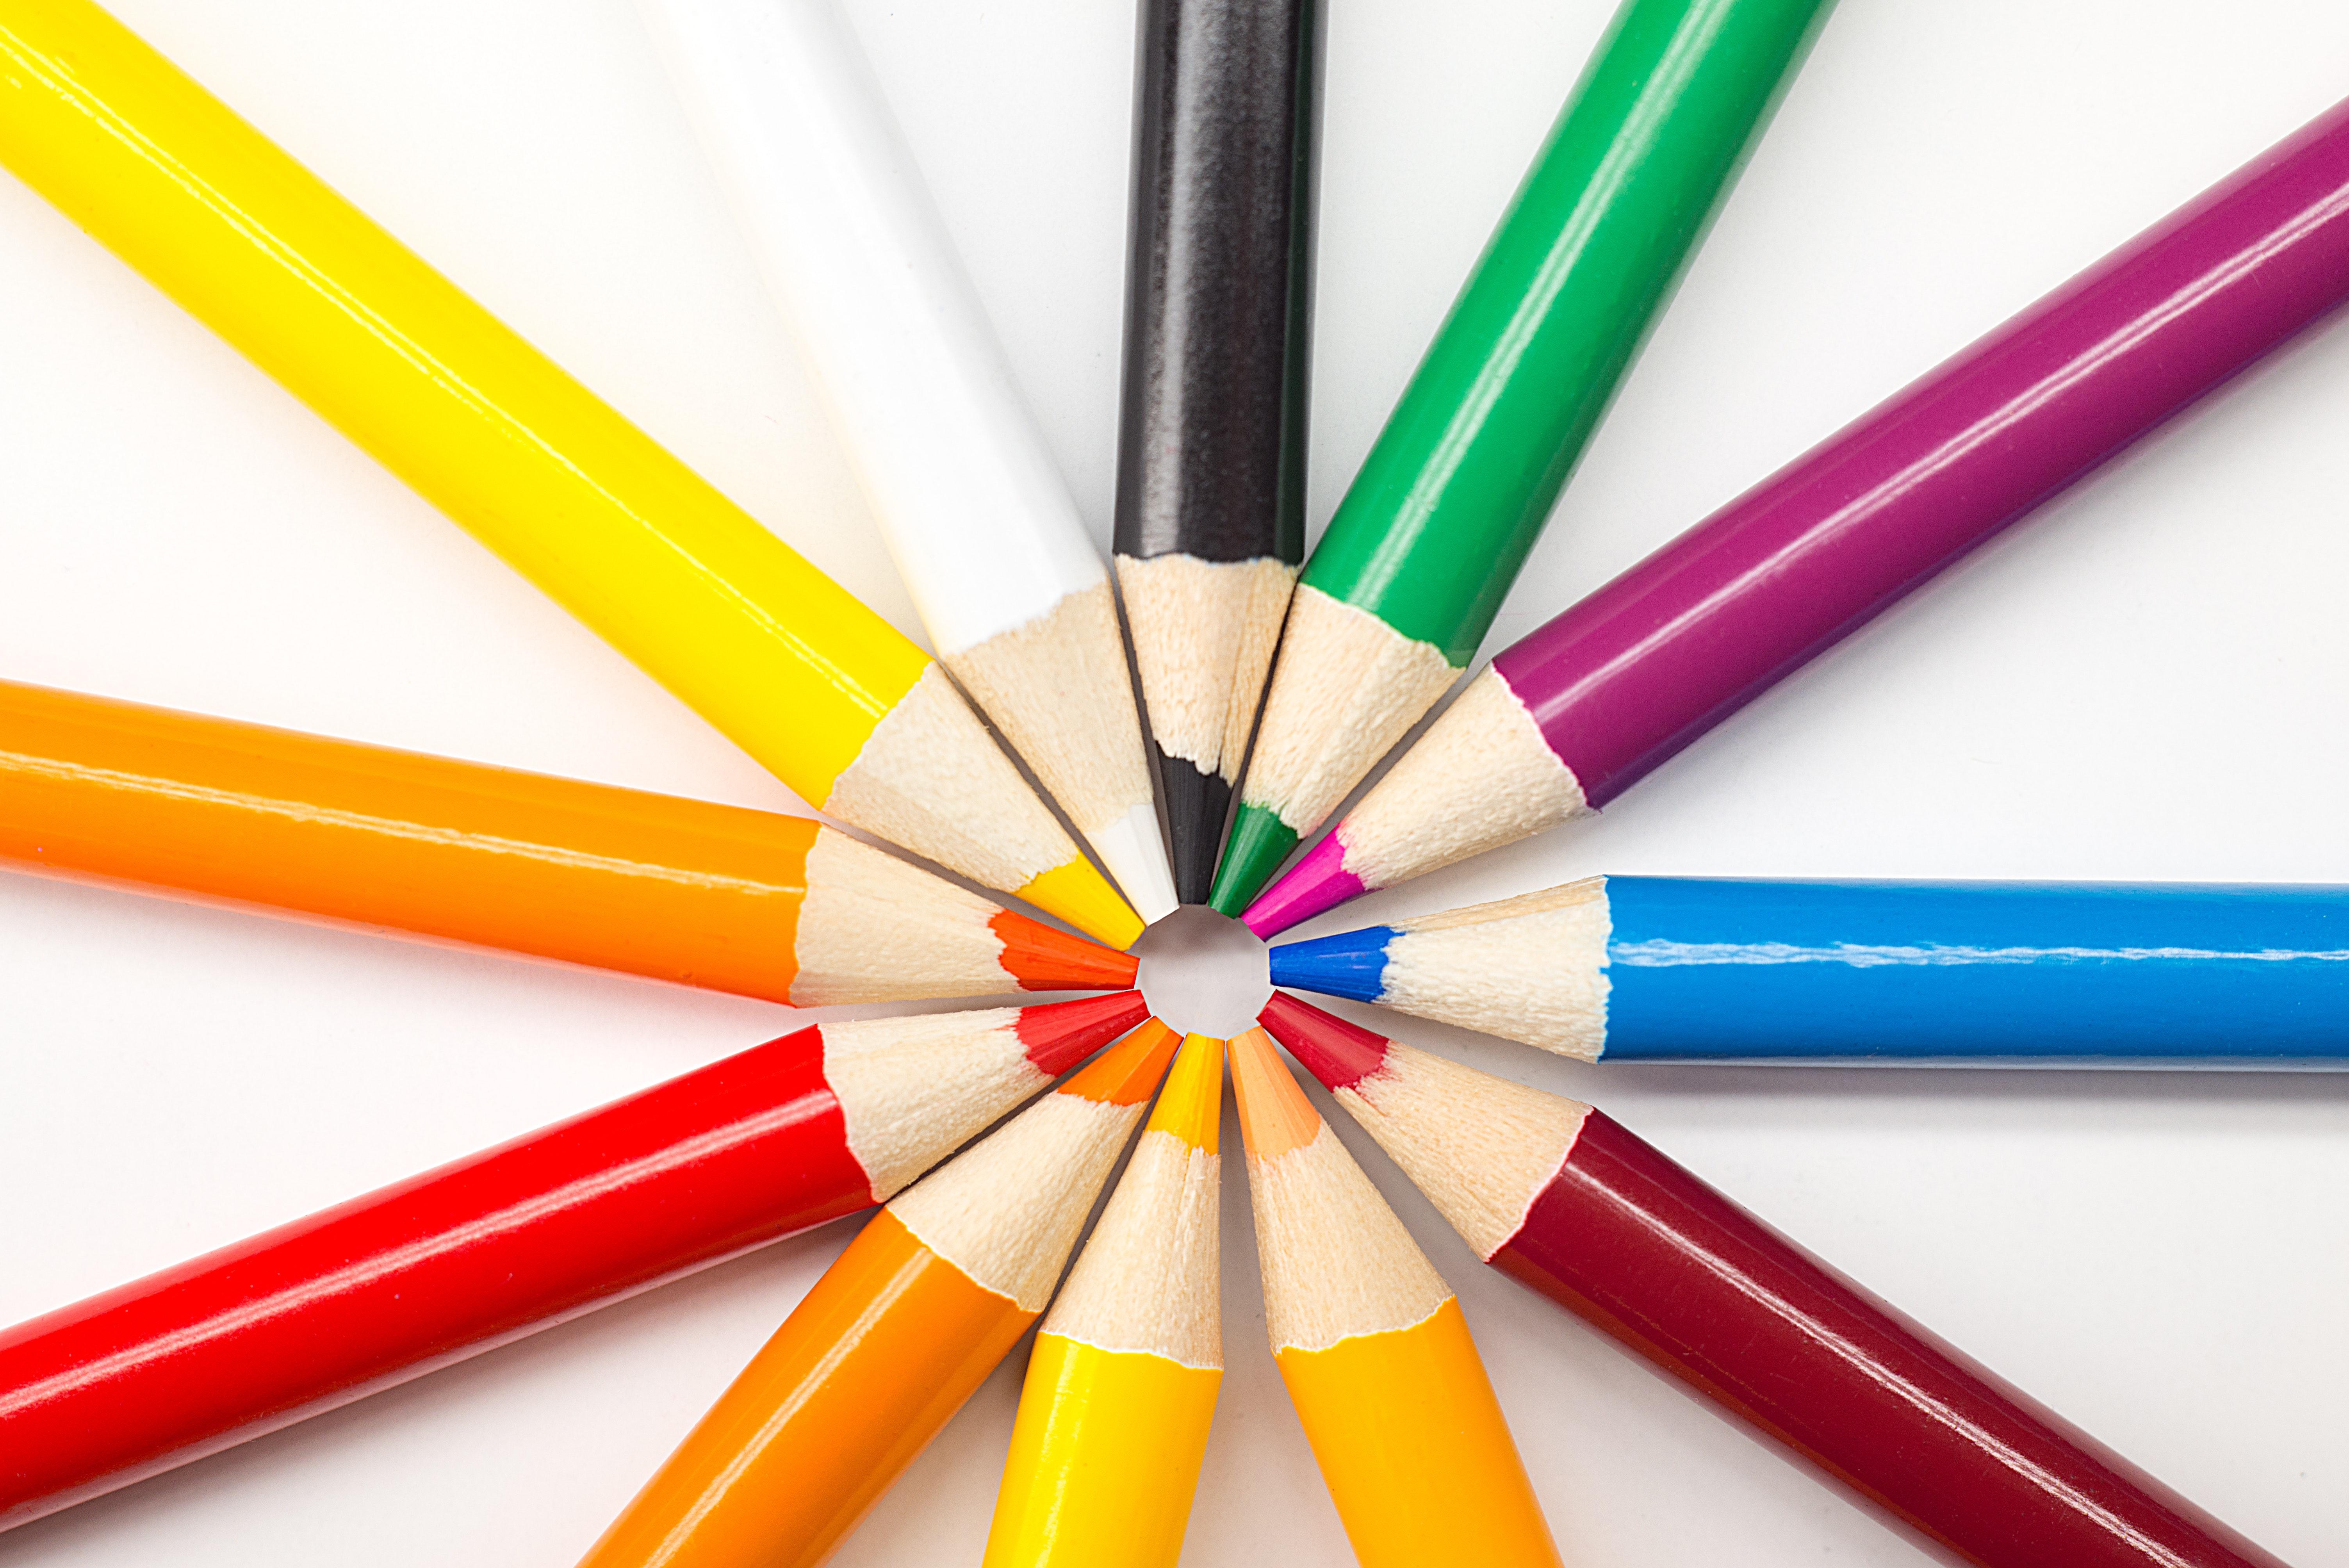 Manualidades Vistosas.Fotos Gratis Artes Y Manualidades Lapiz De Color Vistoso